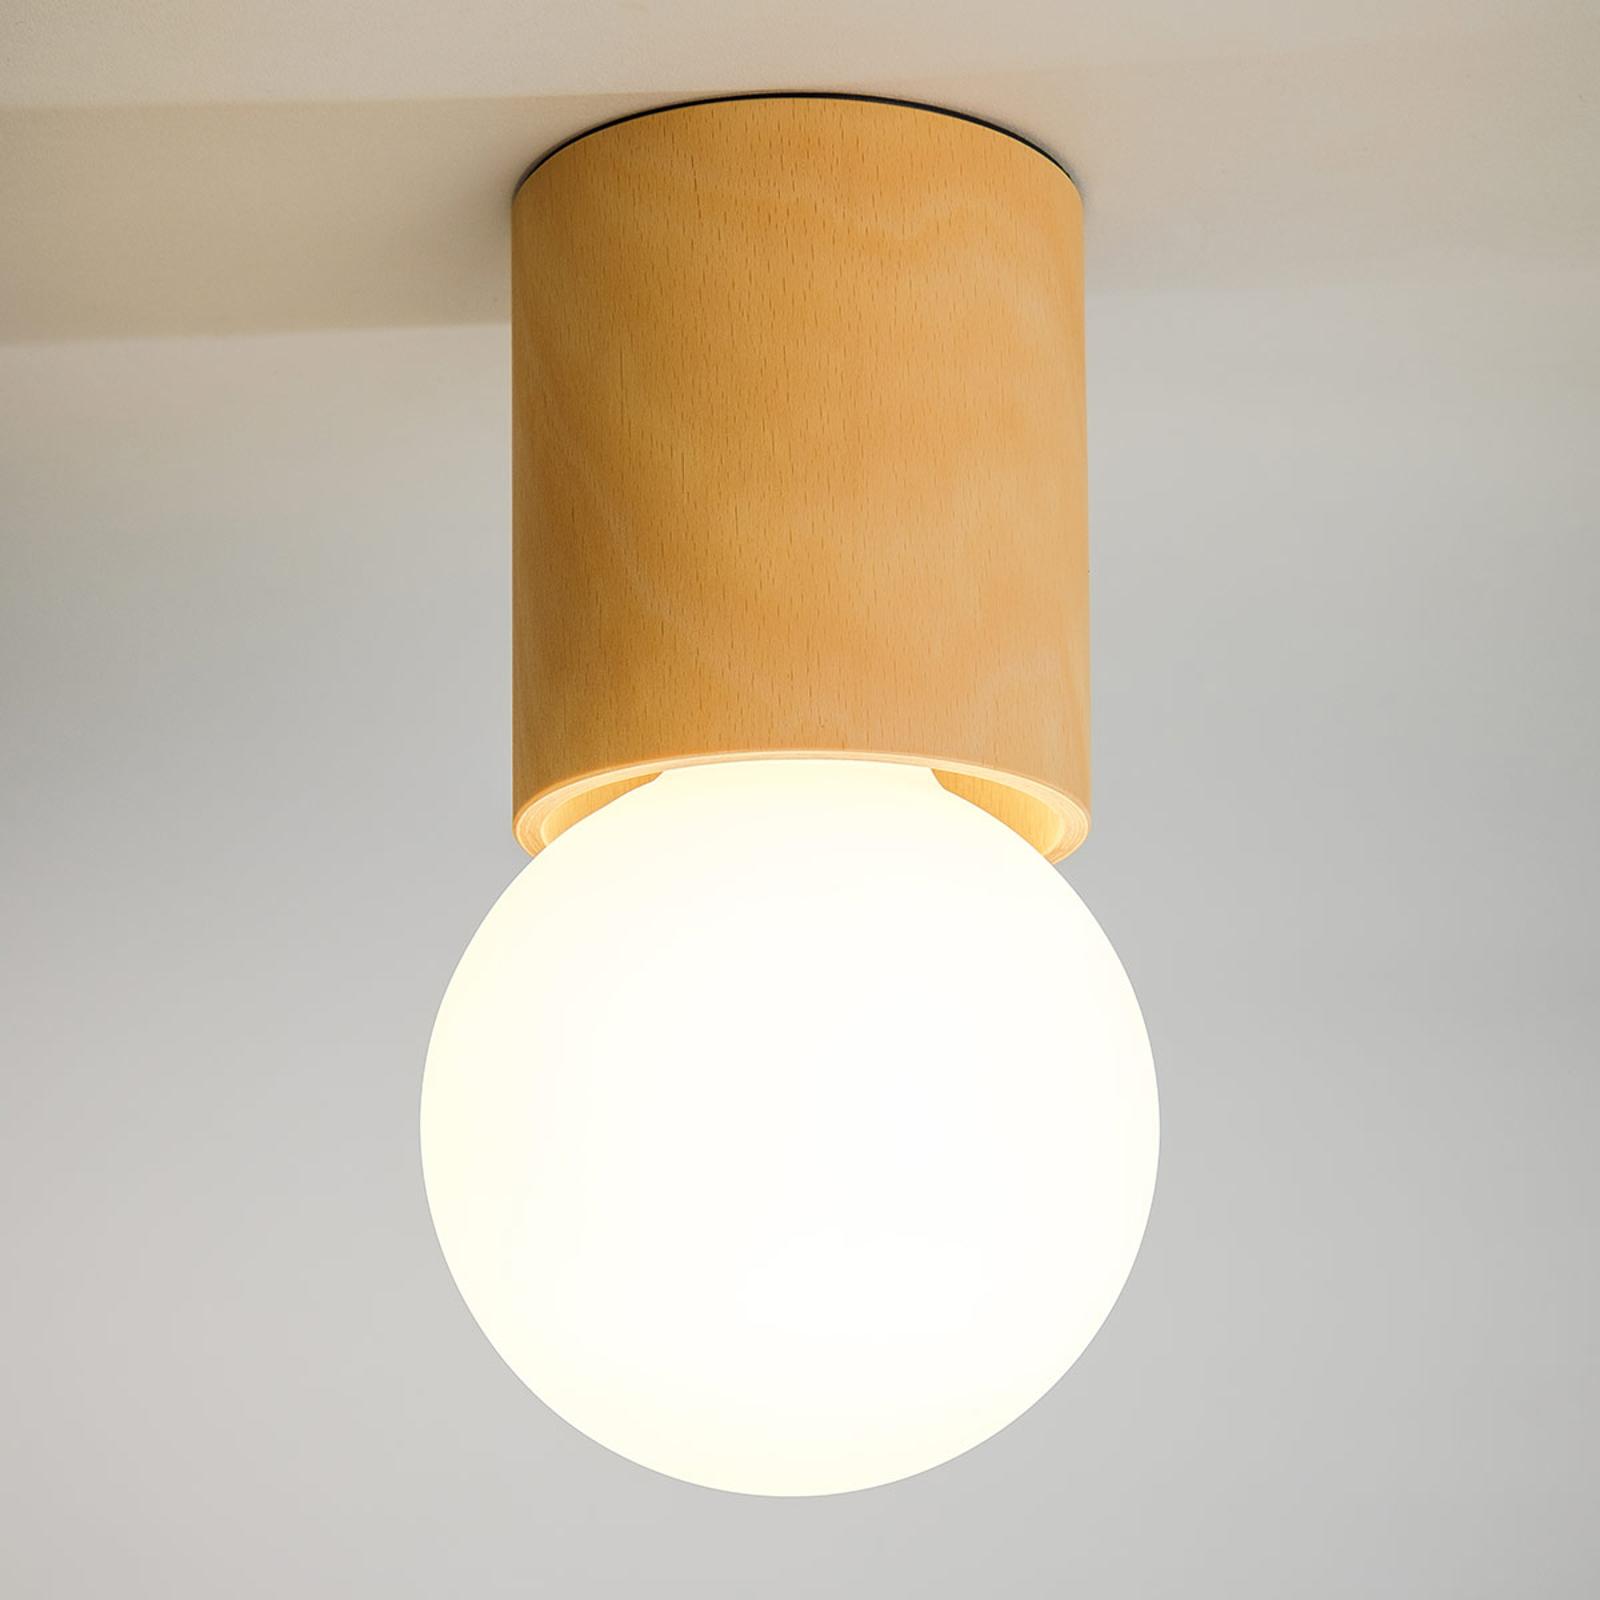 Loftlampe Tondolo, bøgetræ